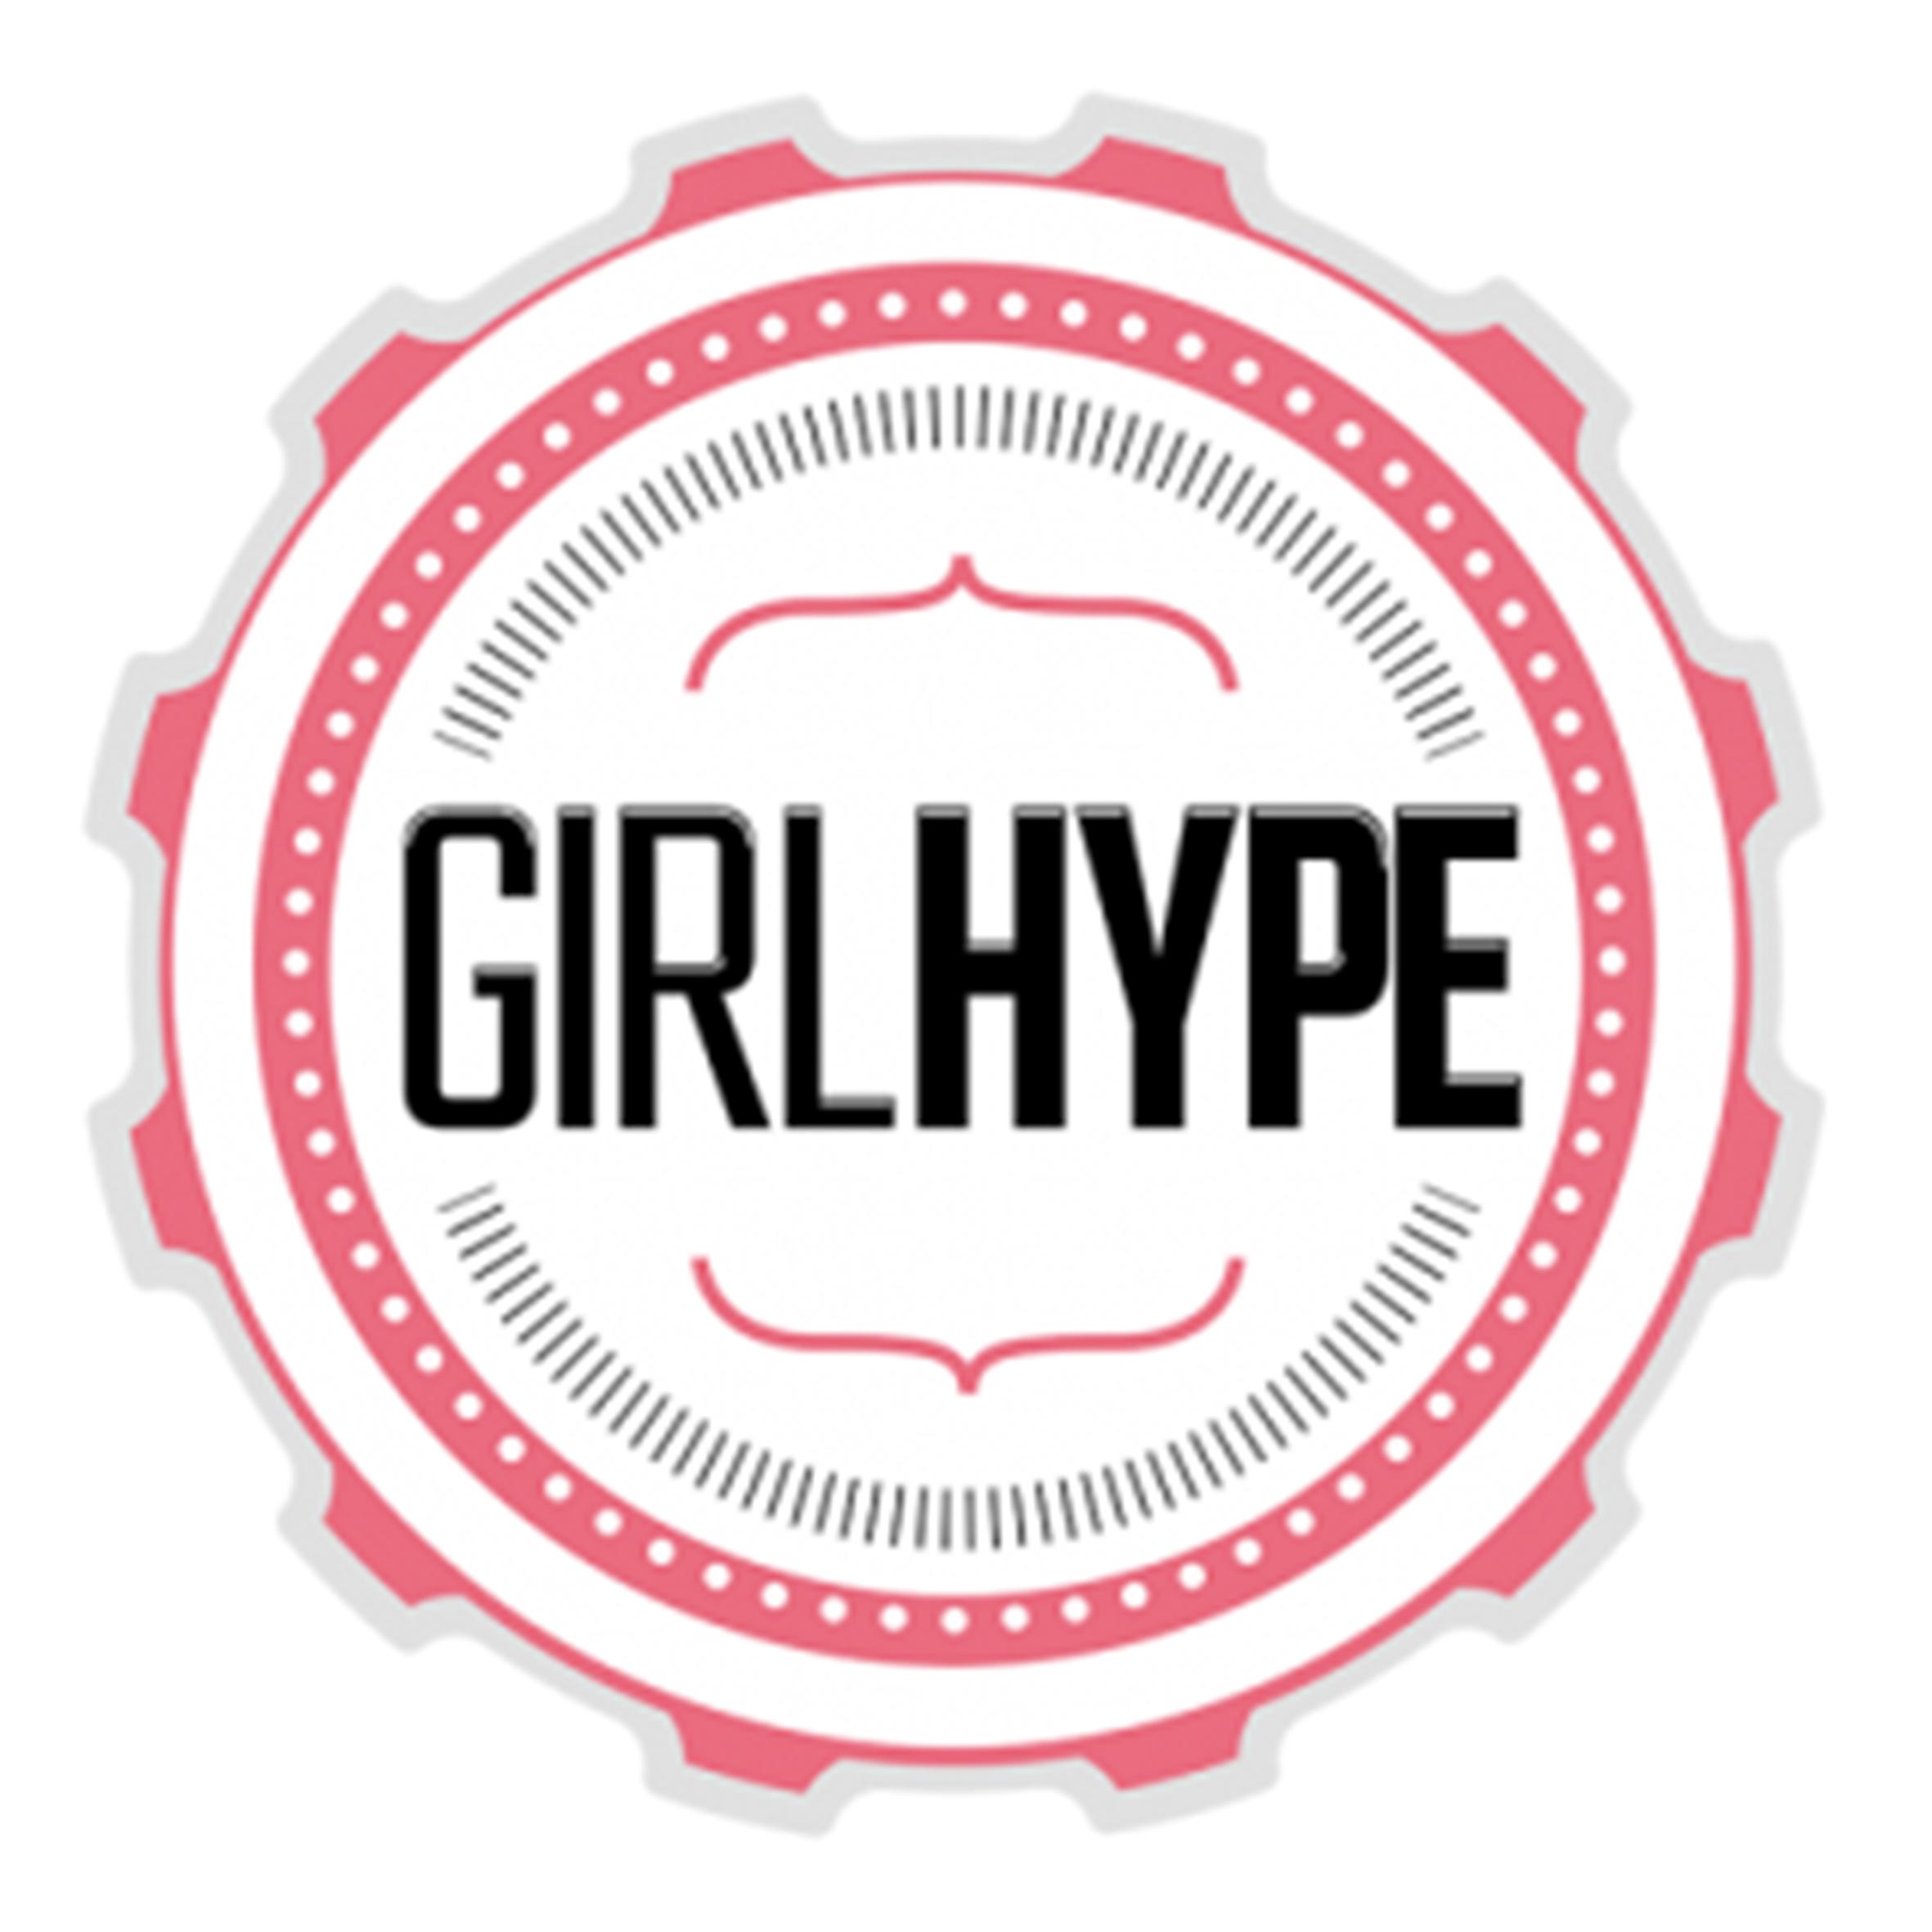 Girlhype.jpg